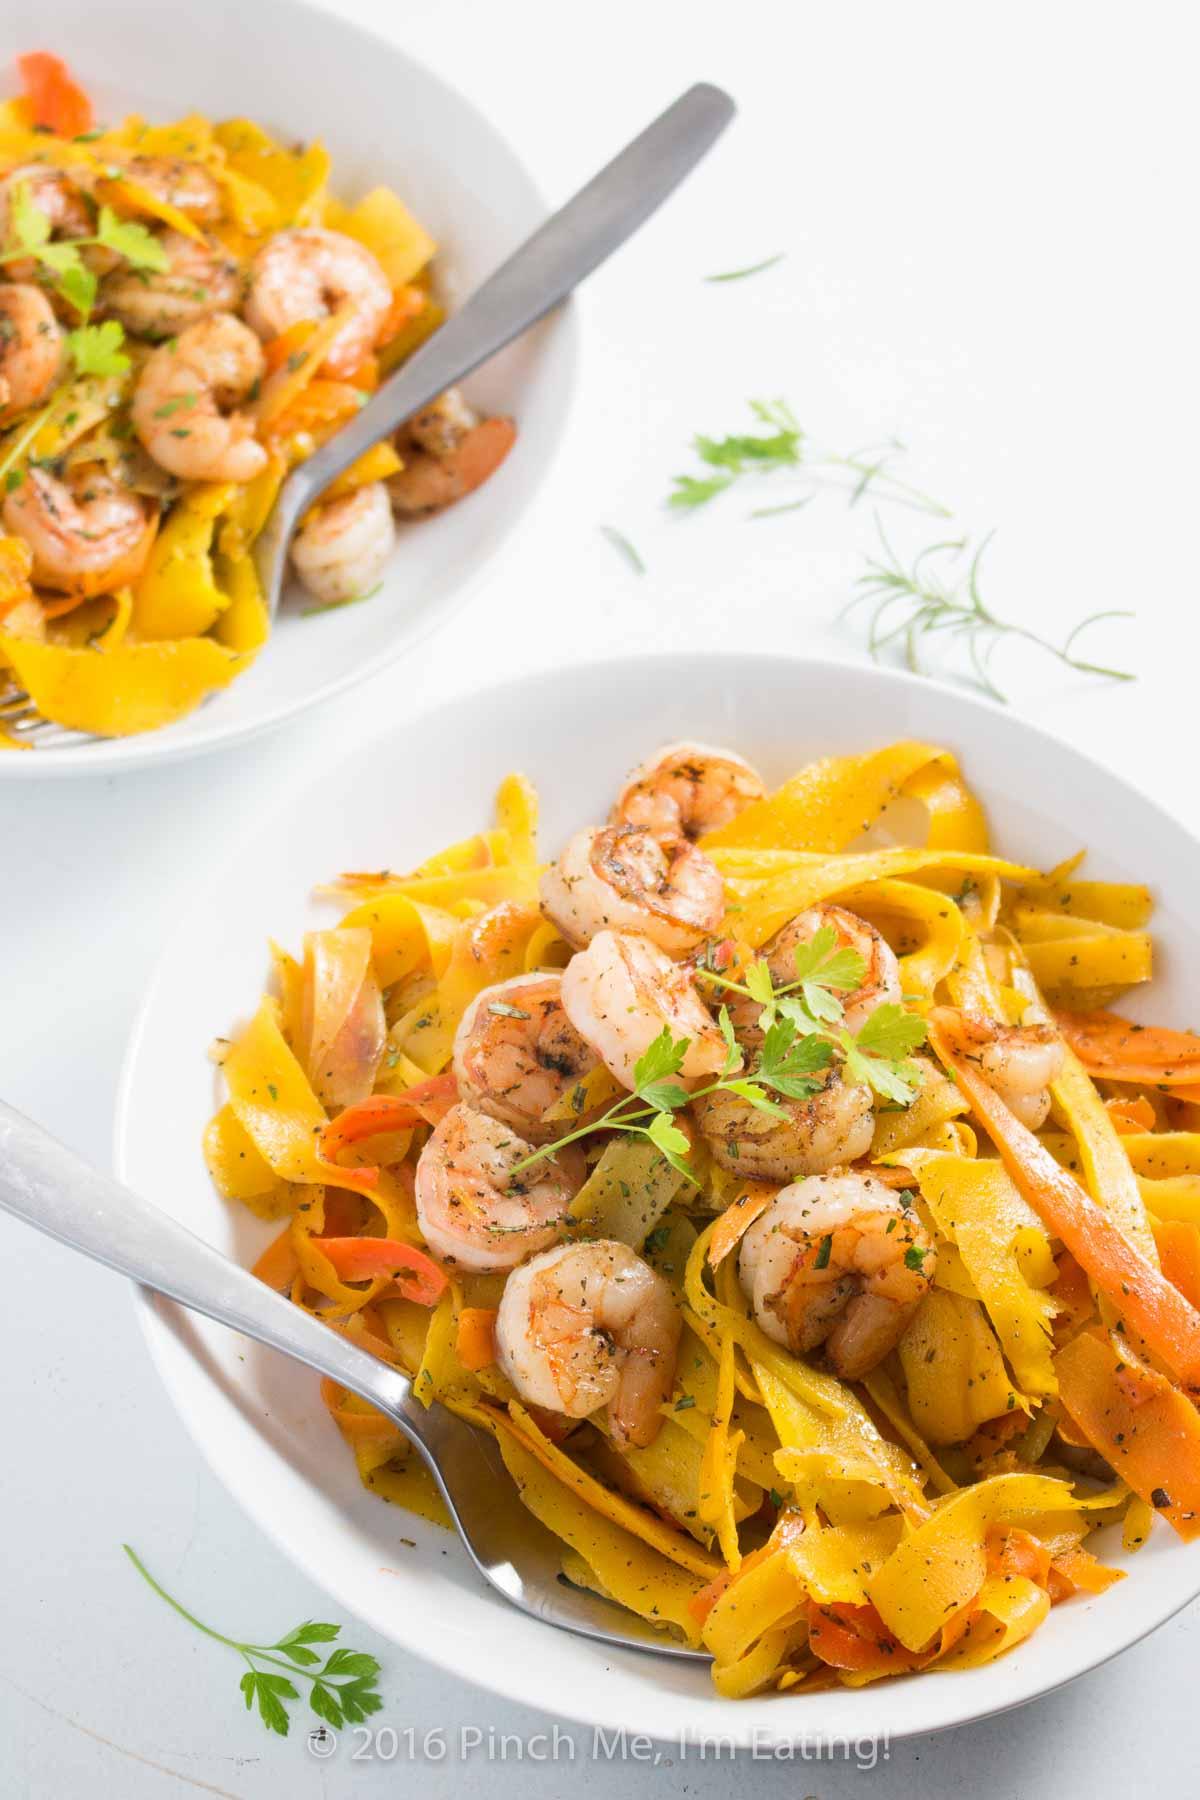 Scarborough Fair Carrot Noodles with Shrimp